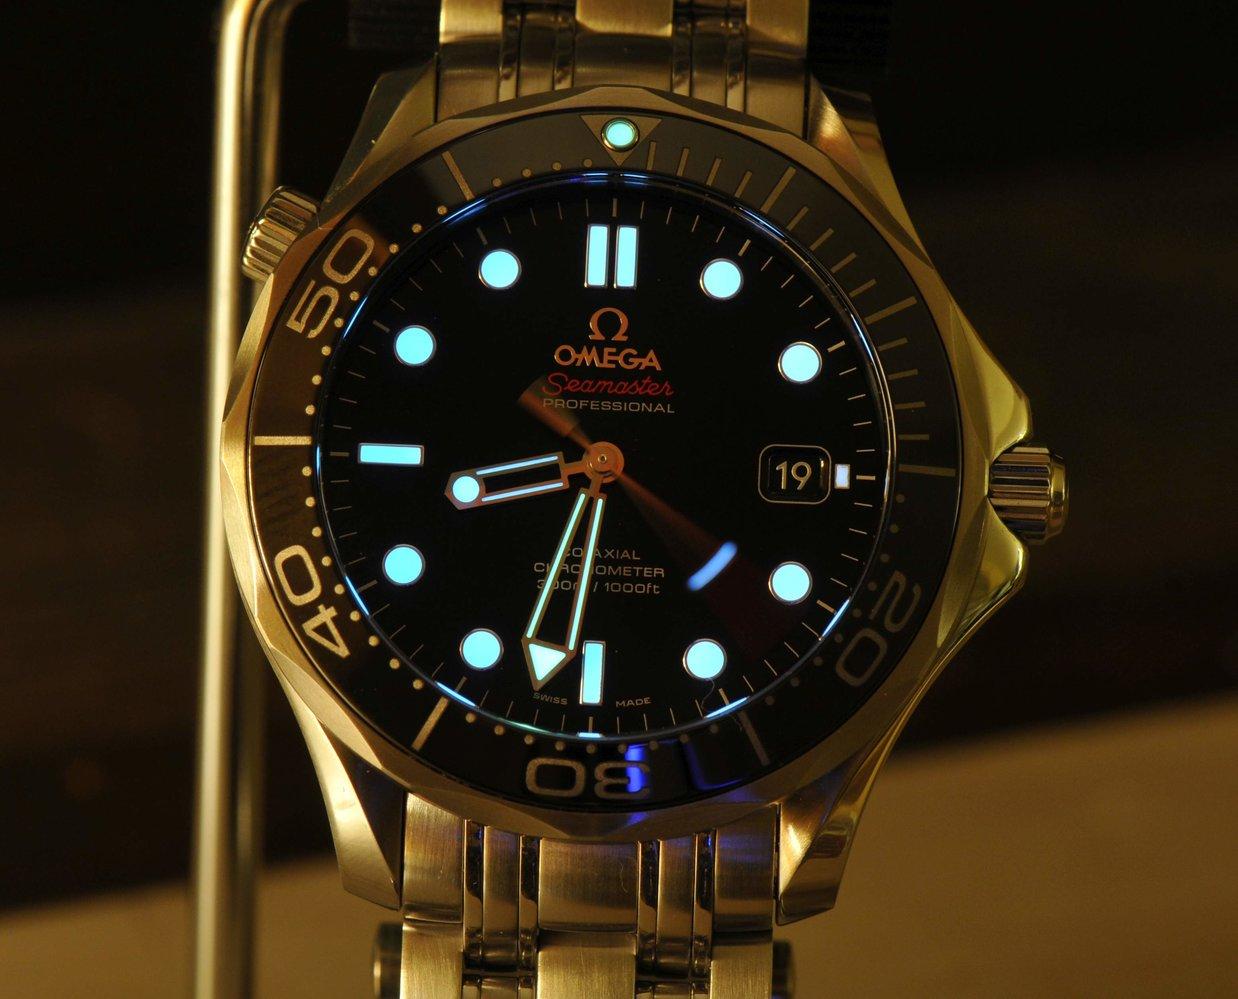 Omega 2016-01-19 (lume ljus).jpg